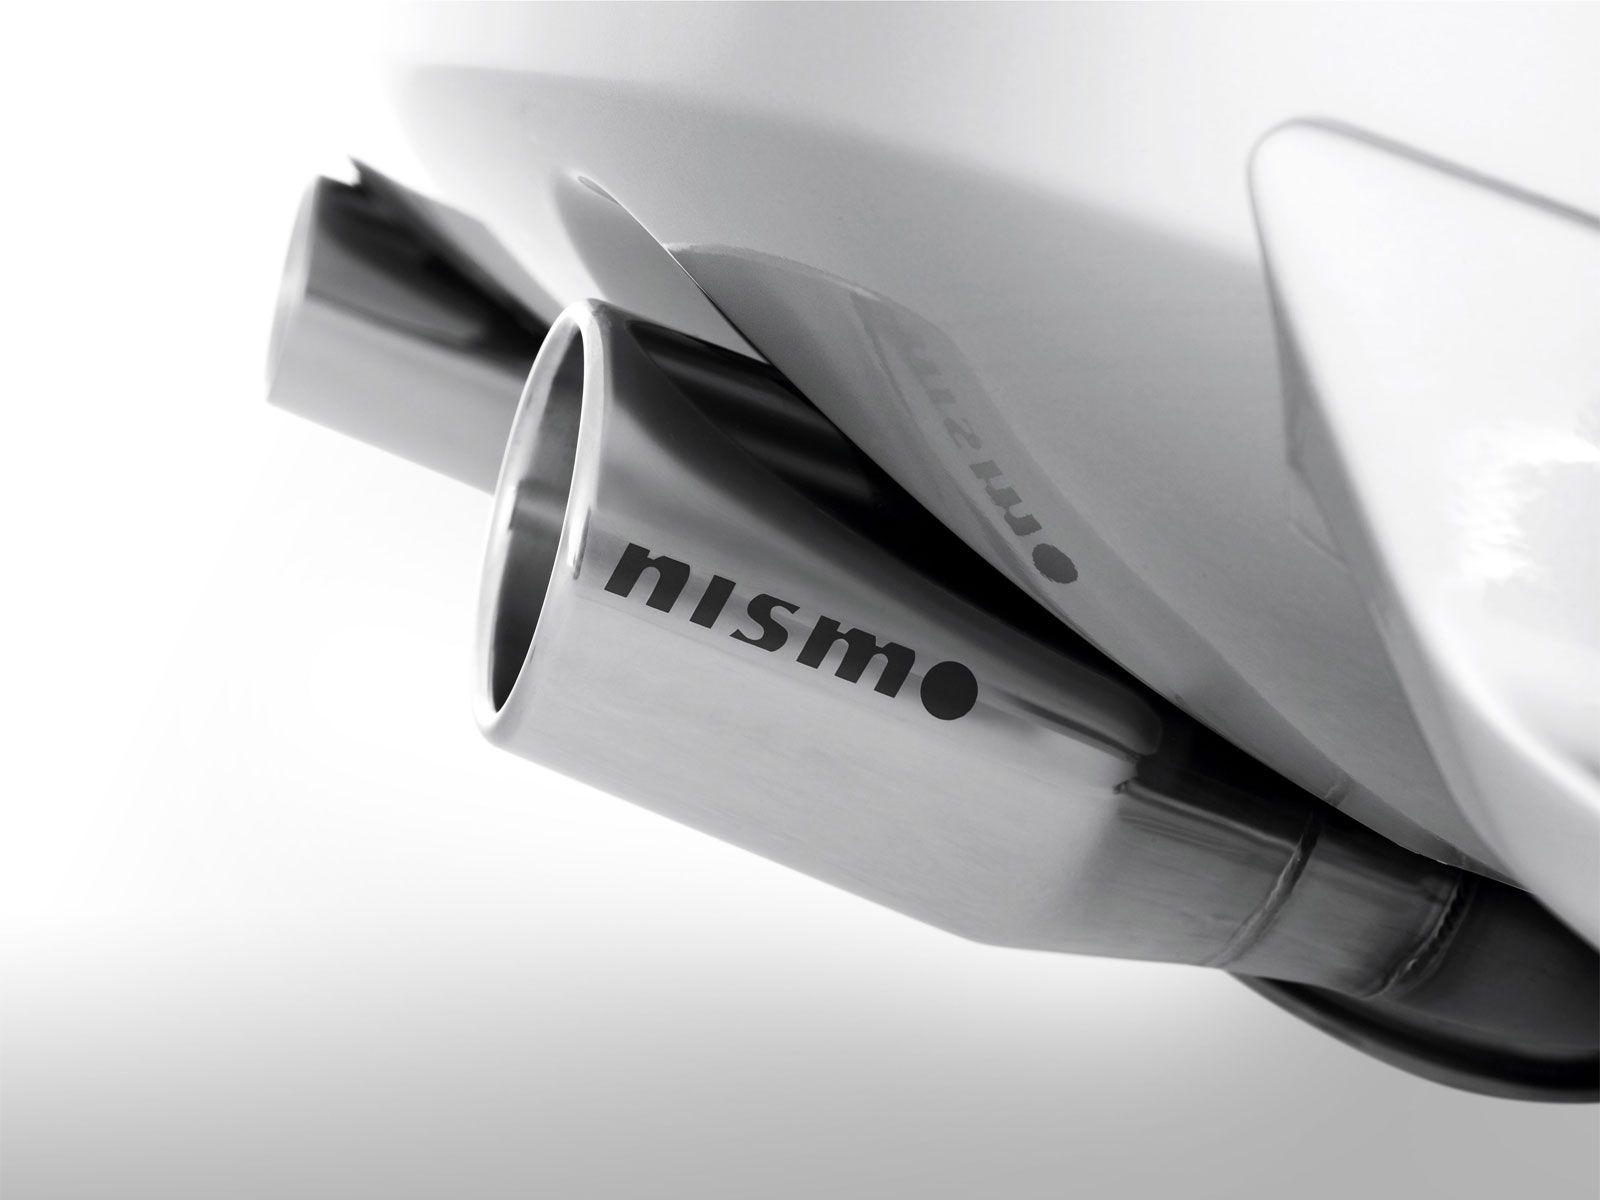 Logos For Nismo Logo Wallpaper 1600x1200